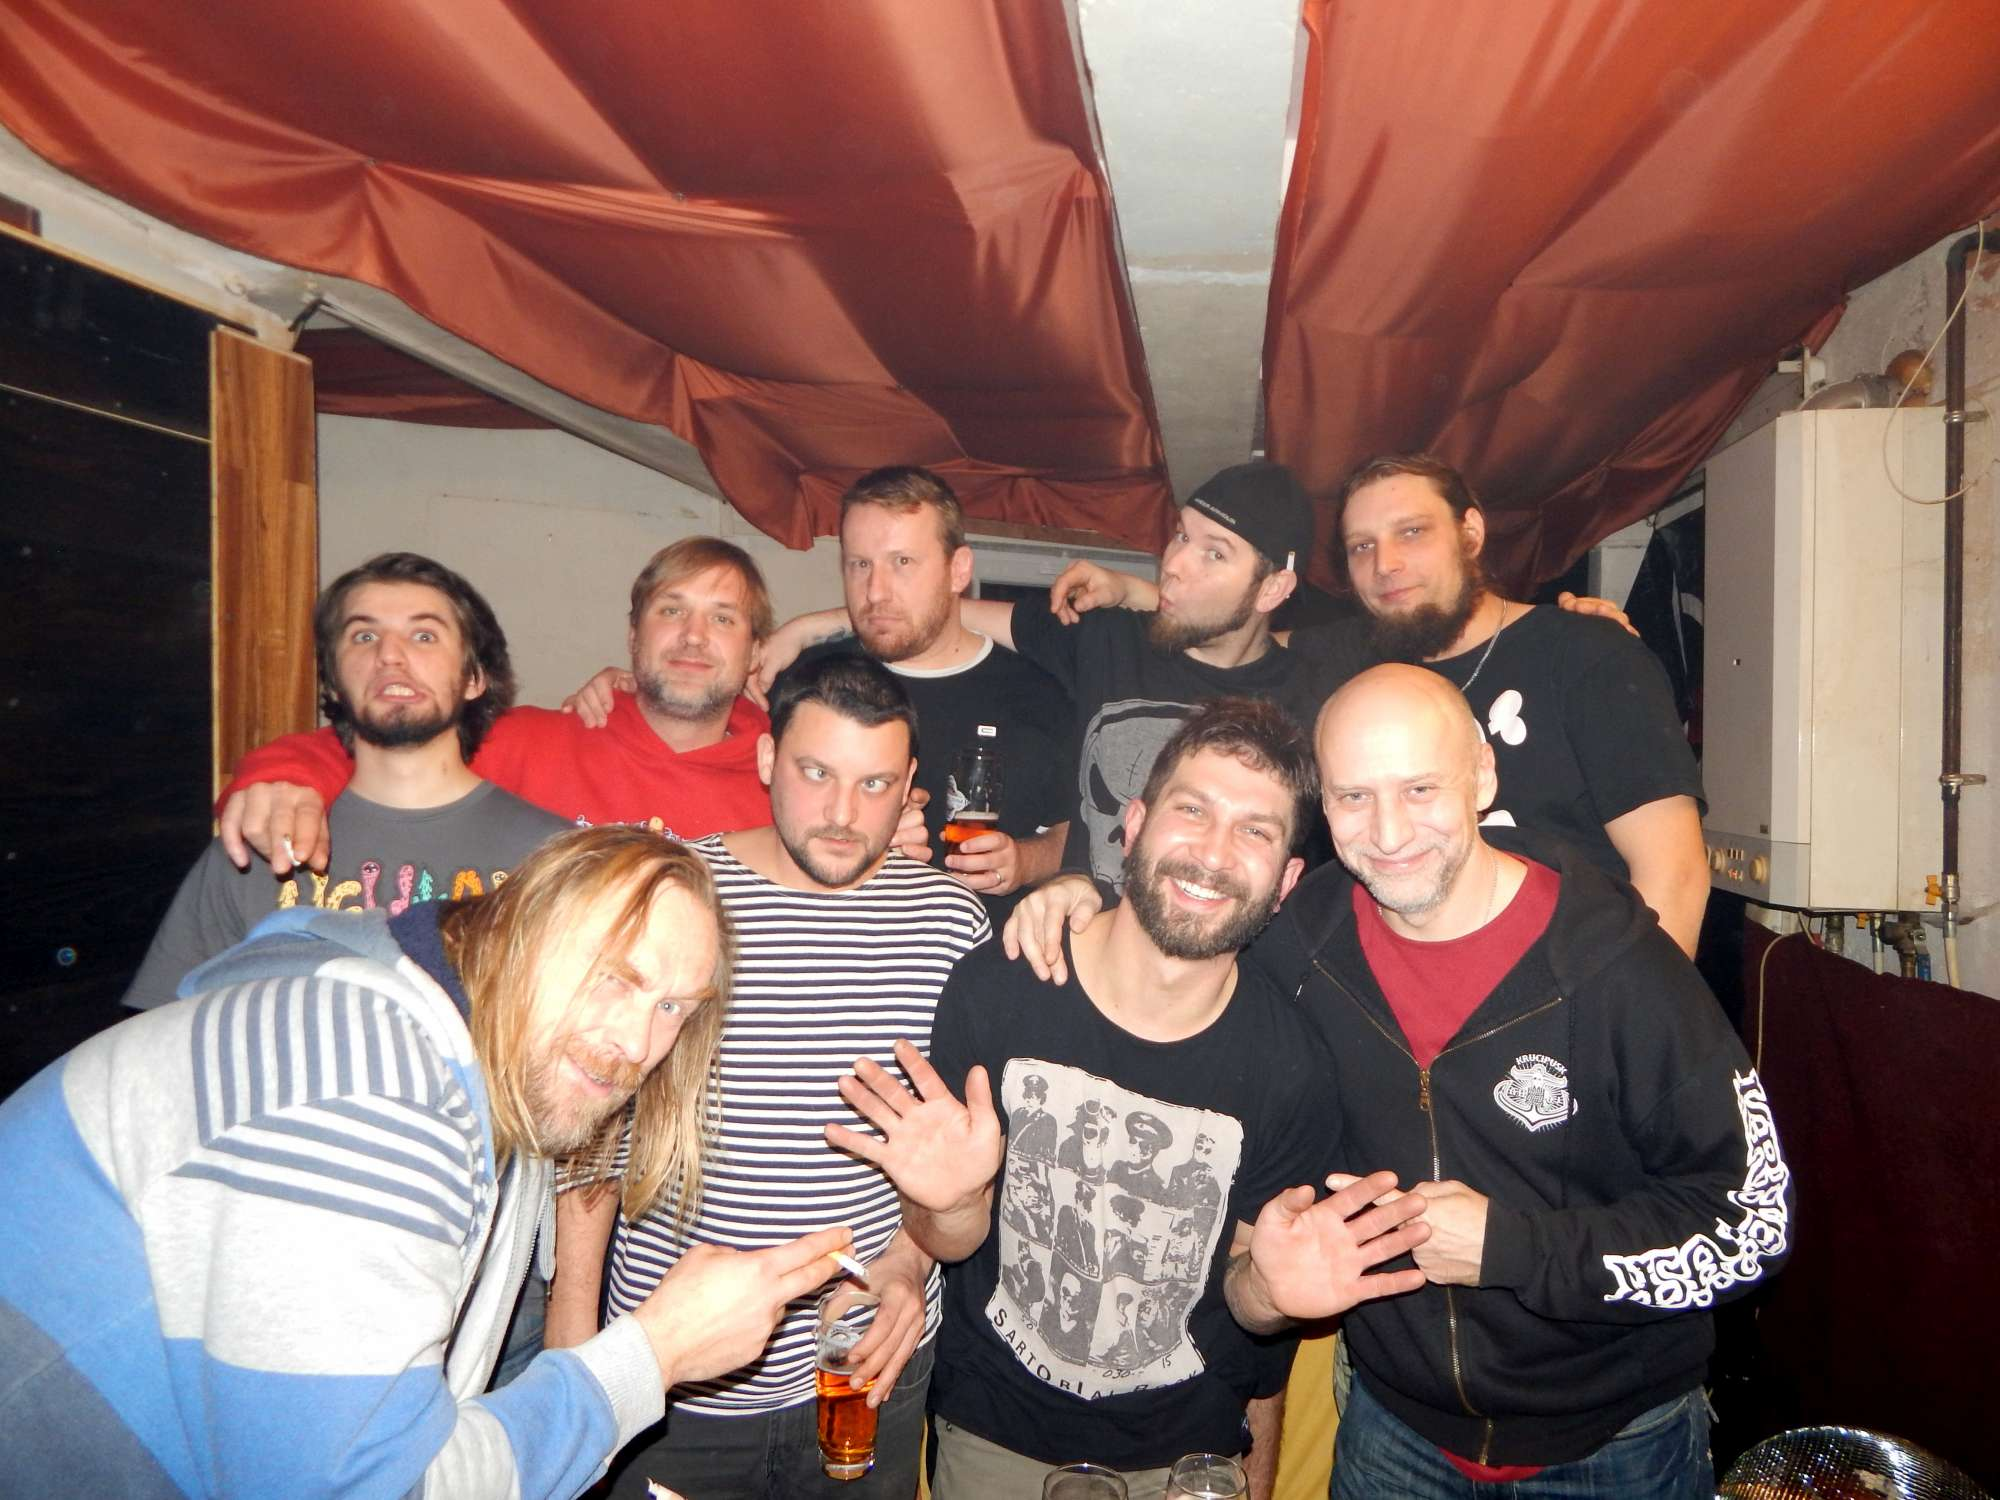 Krucipüsk a Kervežekson, Apollo 13, Prostějov [19] (6.12.2014) - Kervežekson (crossover kapela z Prostějova)